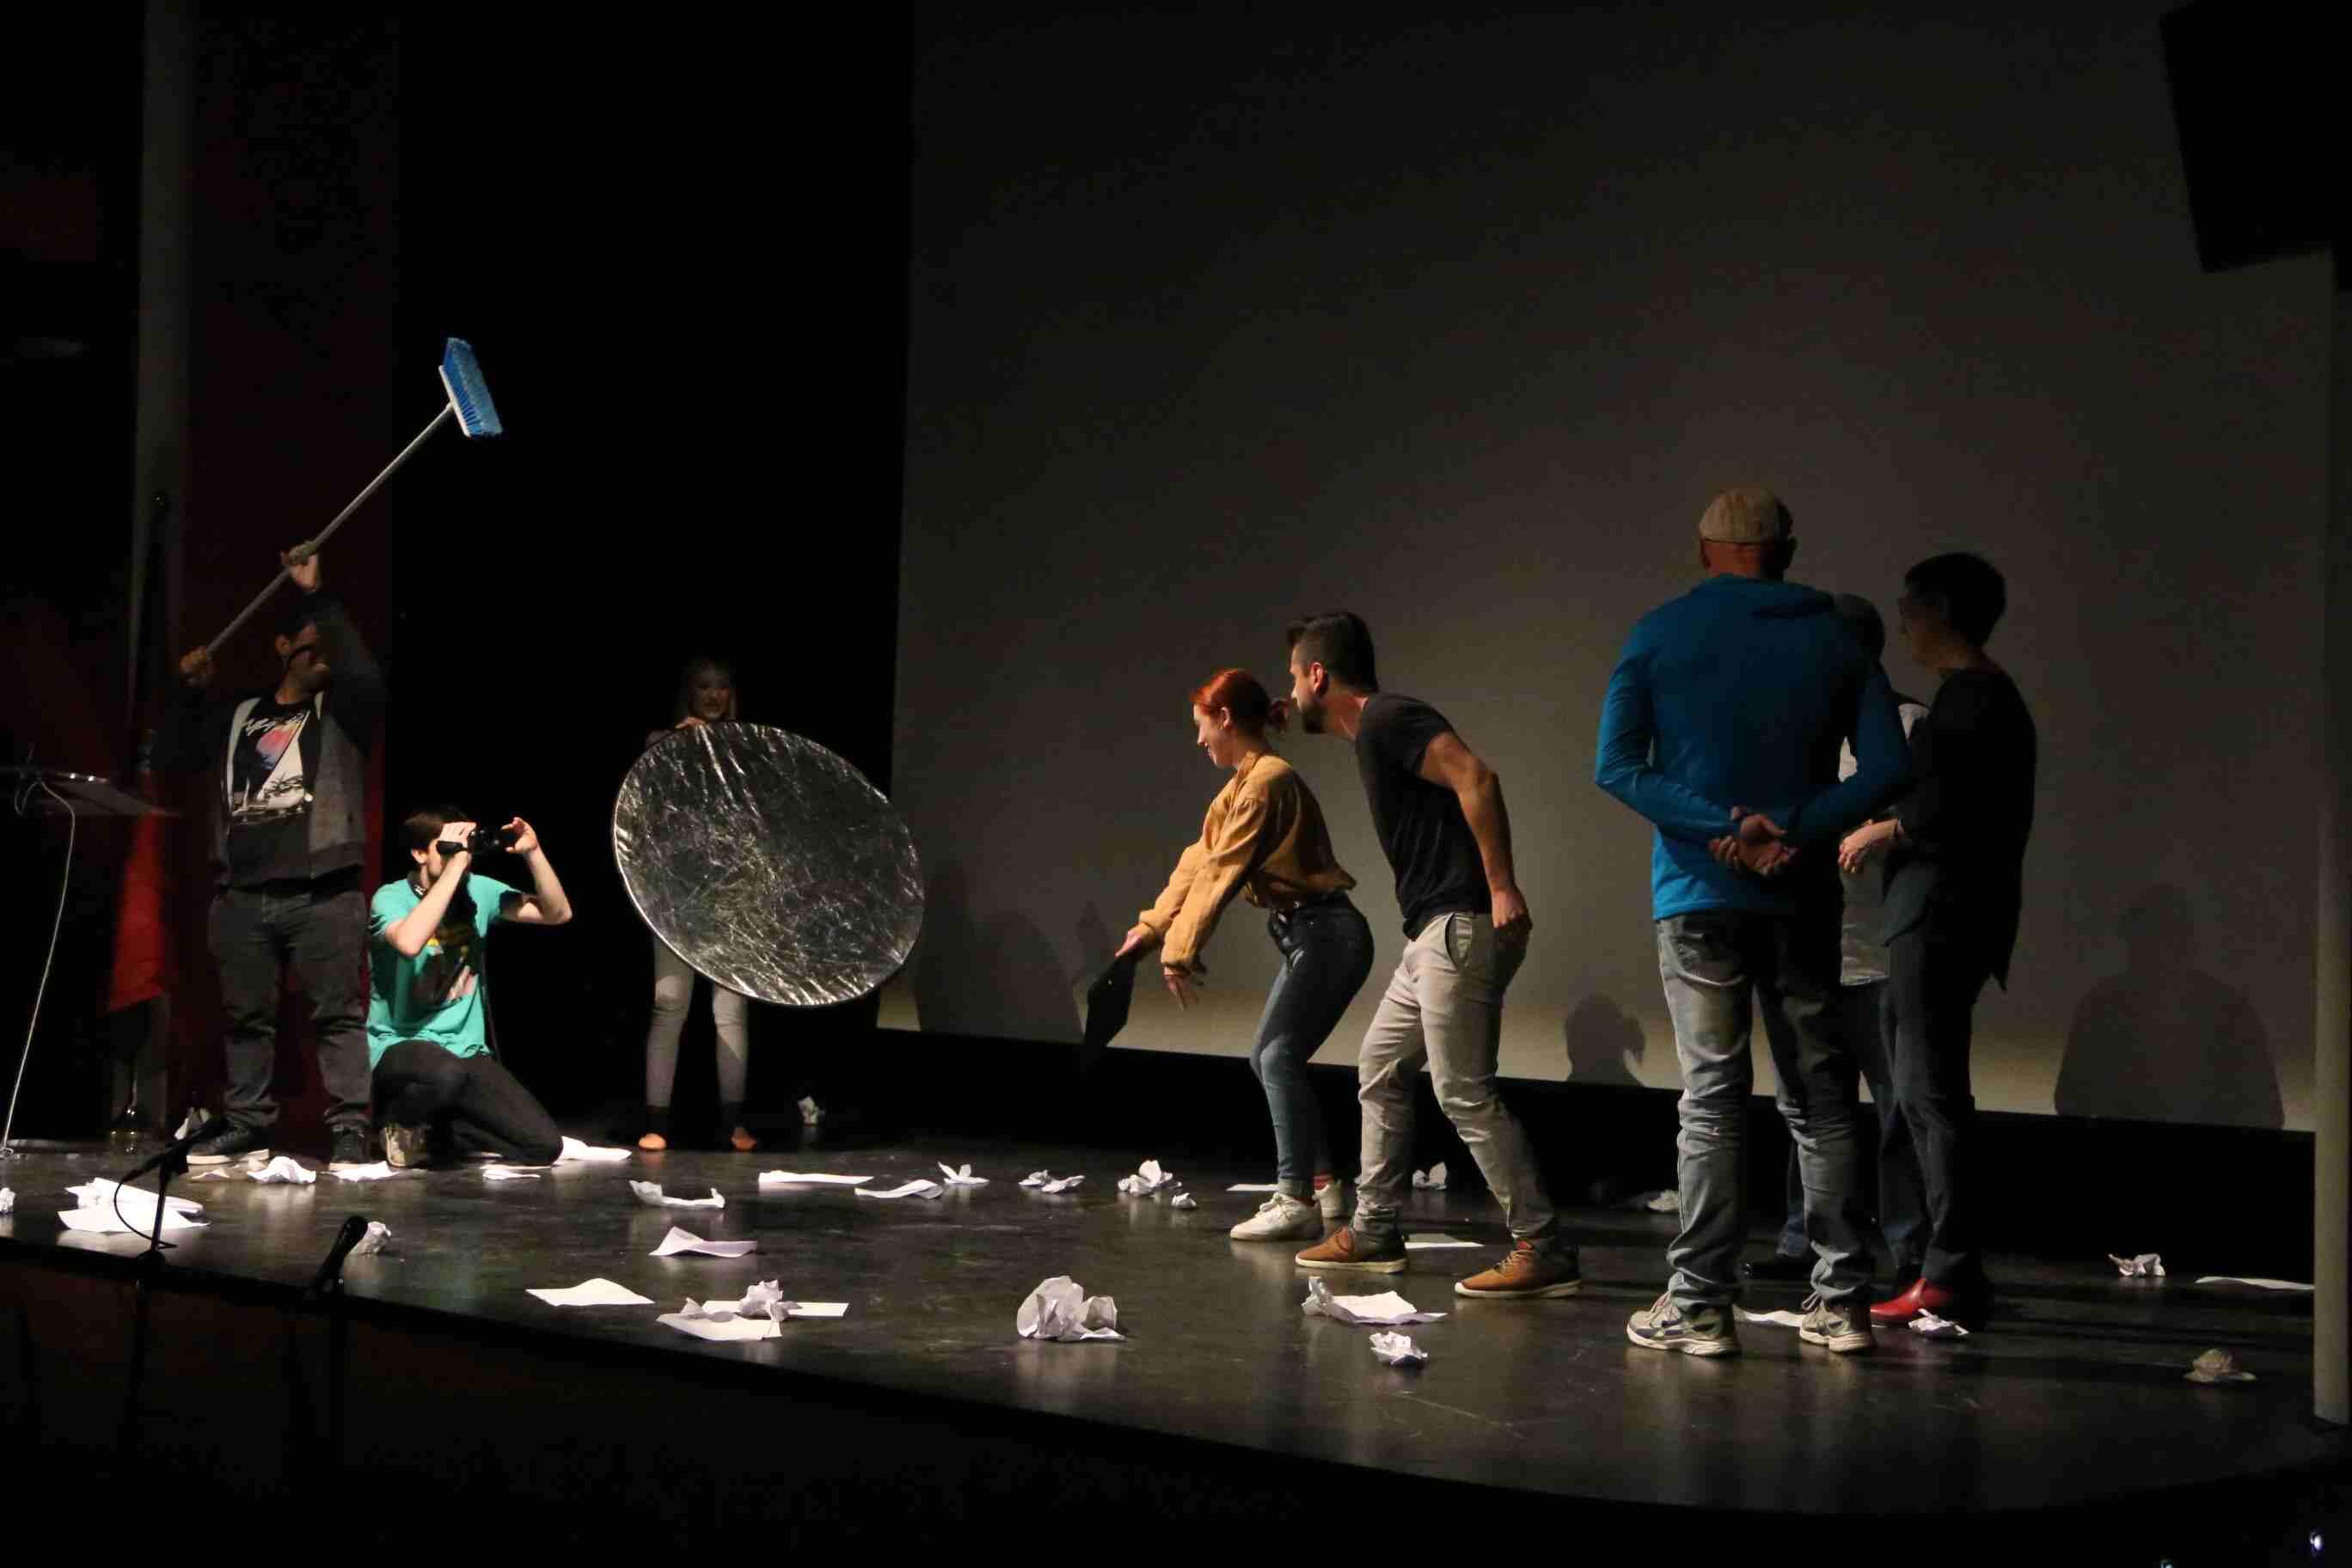 El grupo de teatro pidió la participación del público durante la actuación